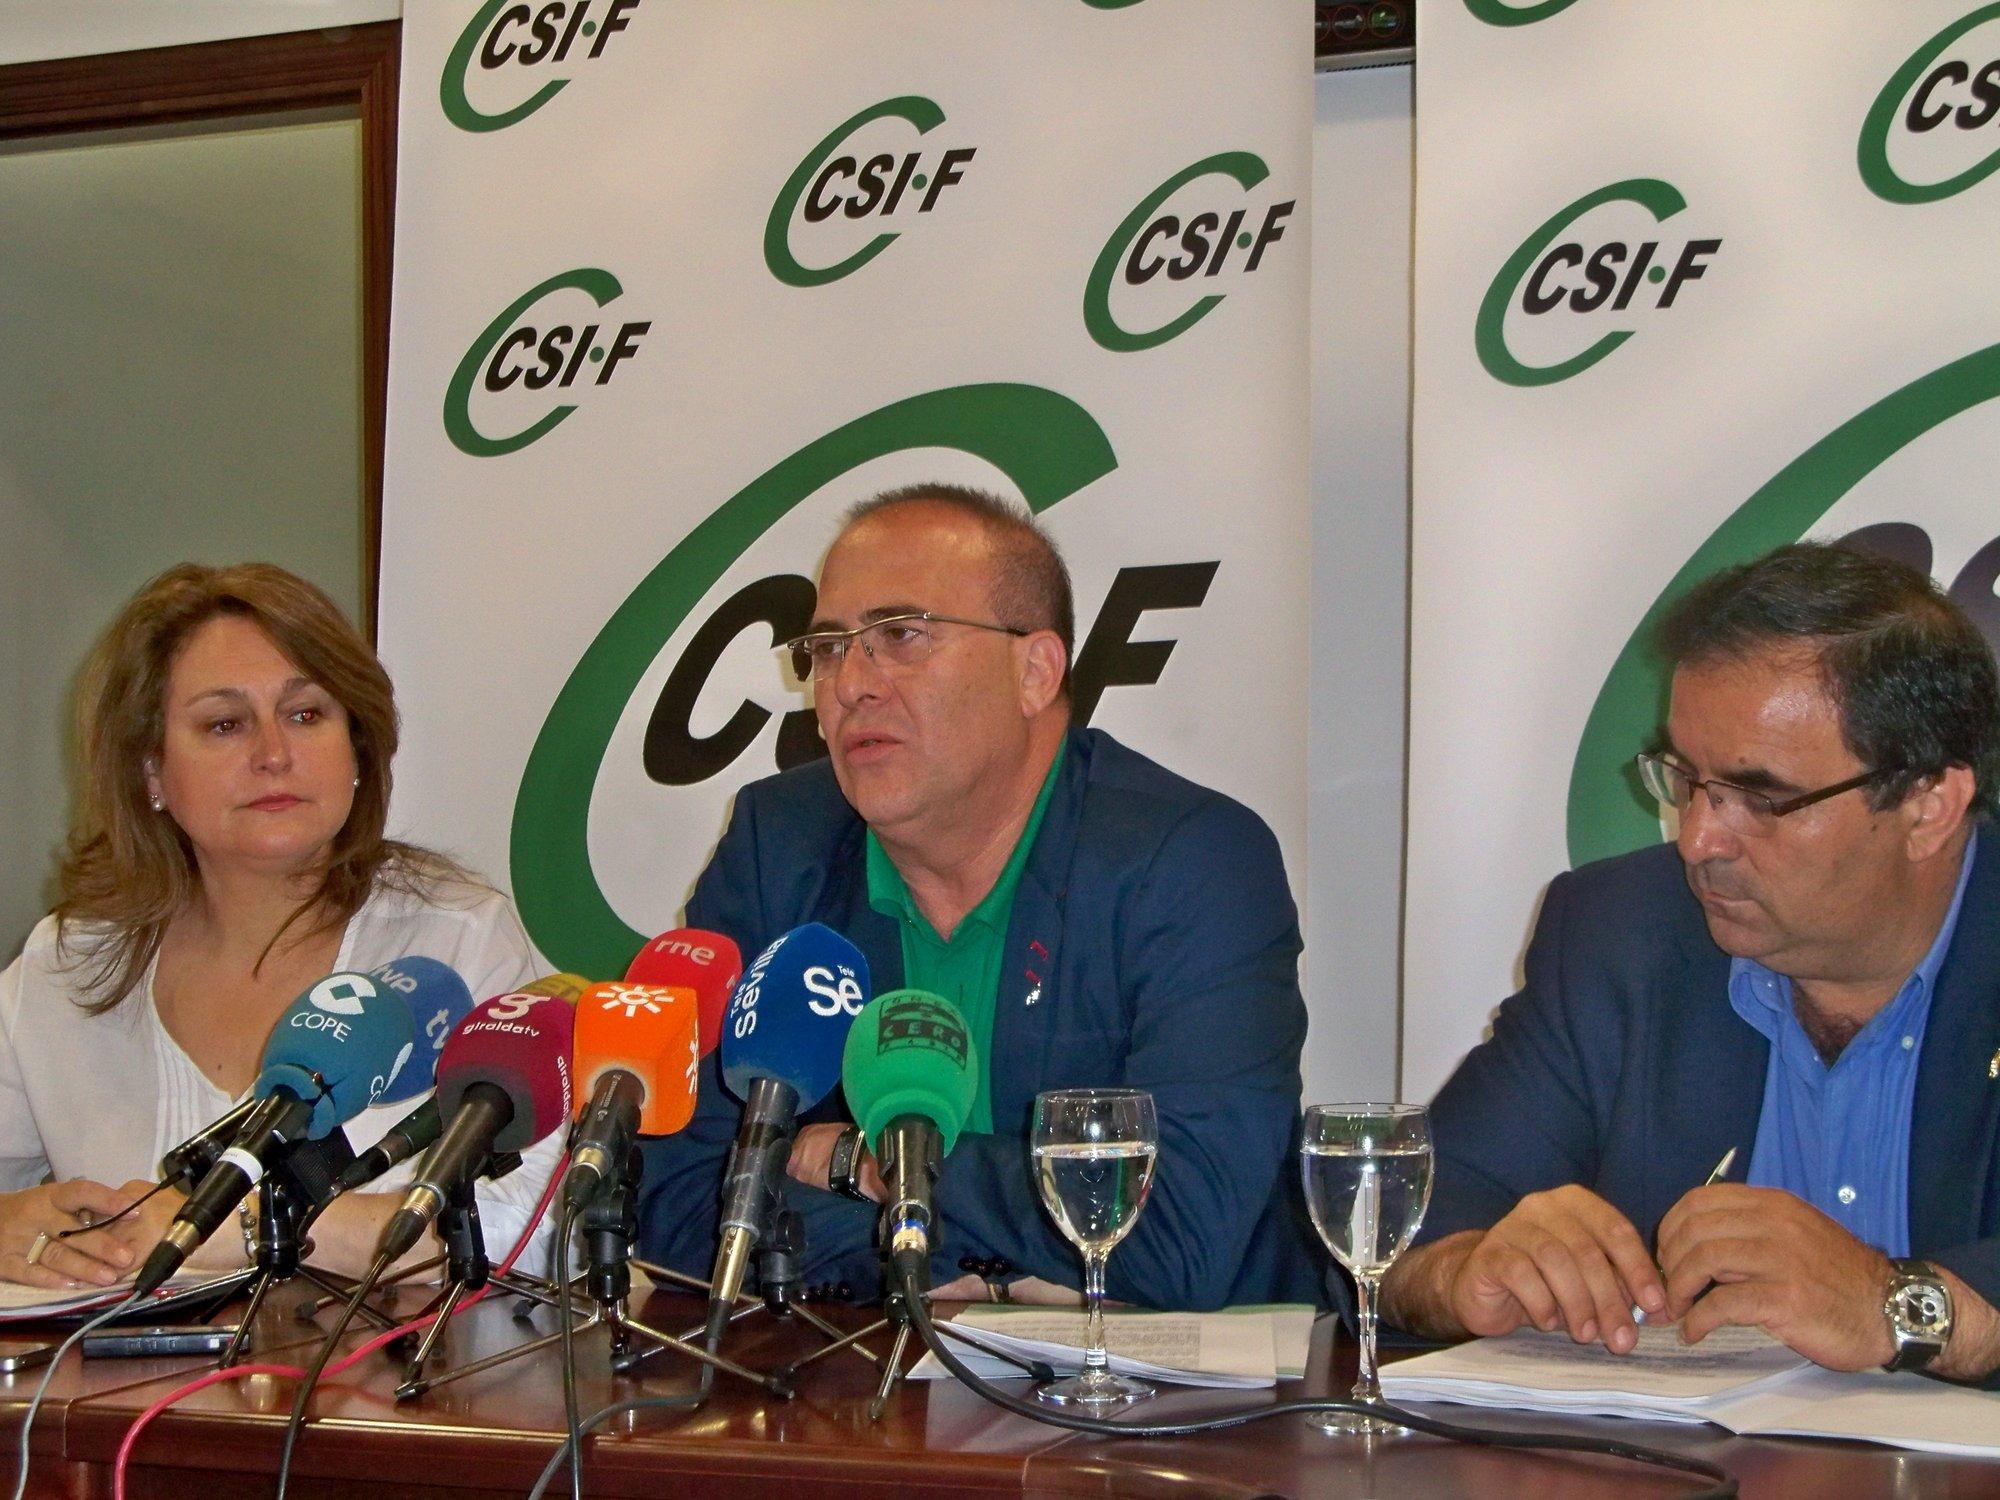 CSIF-A prevé merma de asistencia social y pérdidas de empleo por los ajustes «desproporcionados y arbitrarios» en Junta